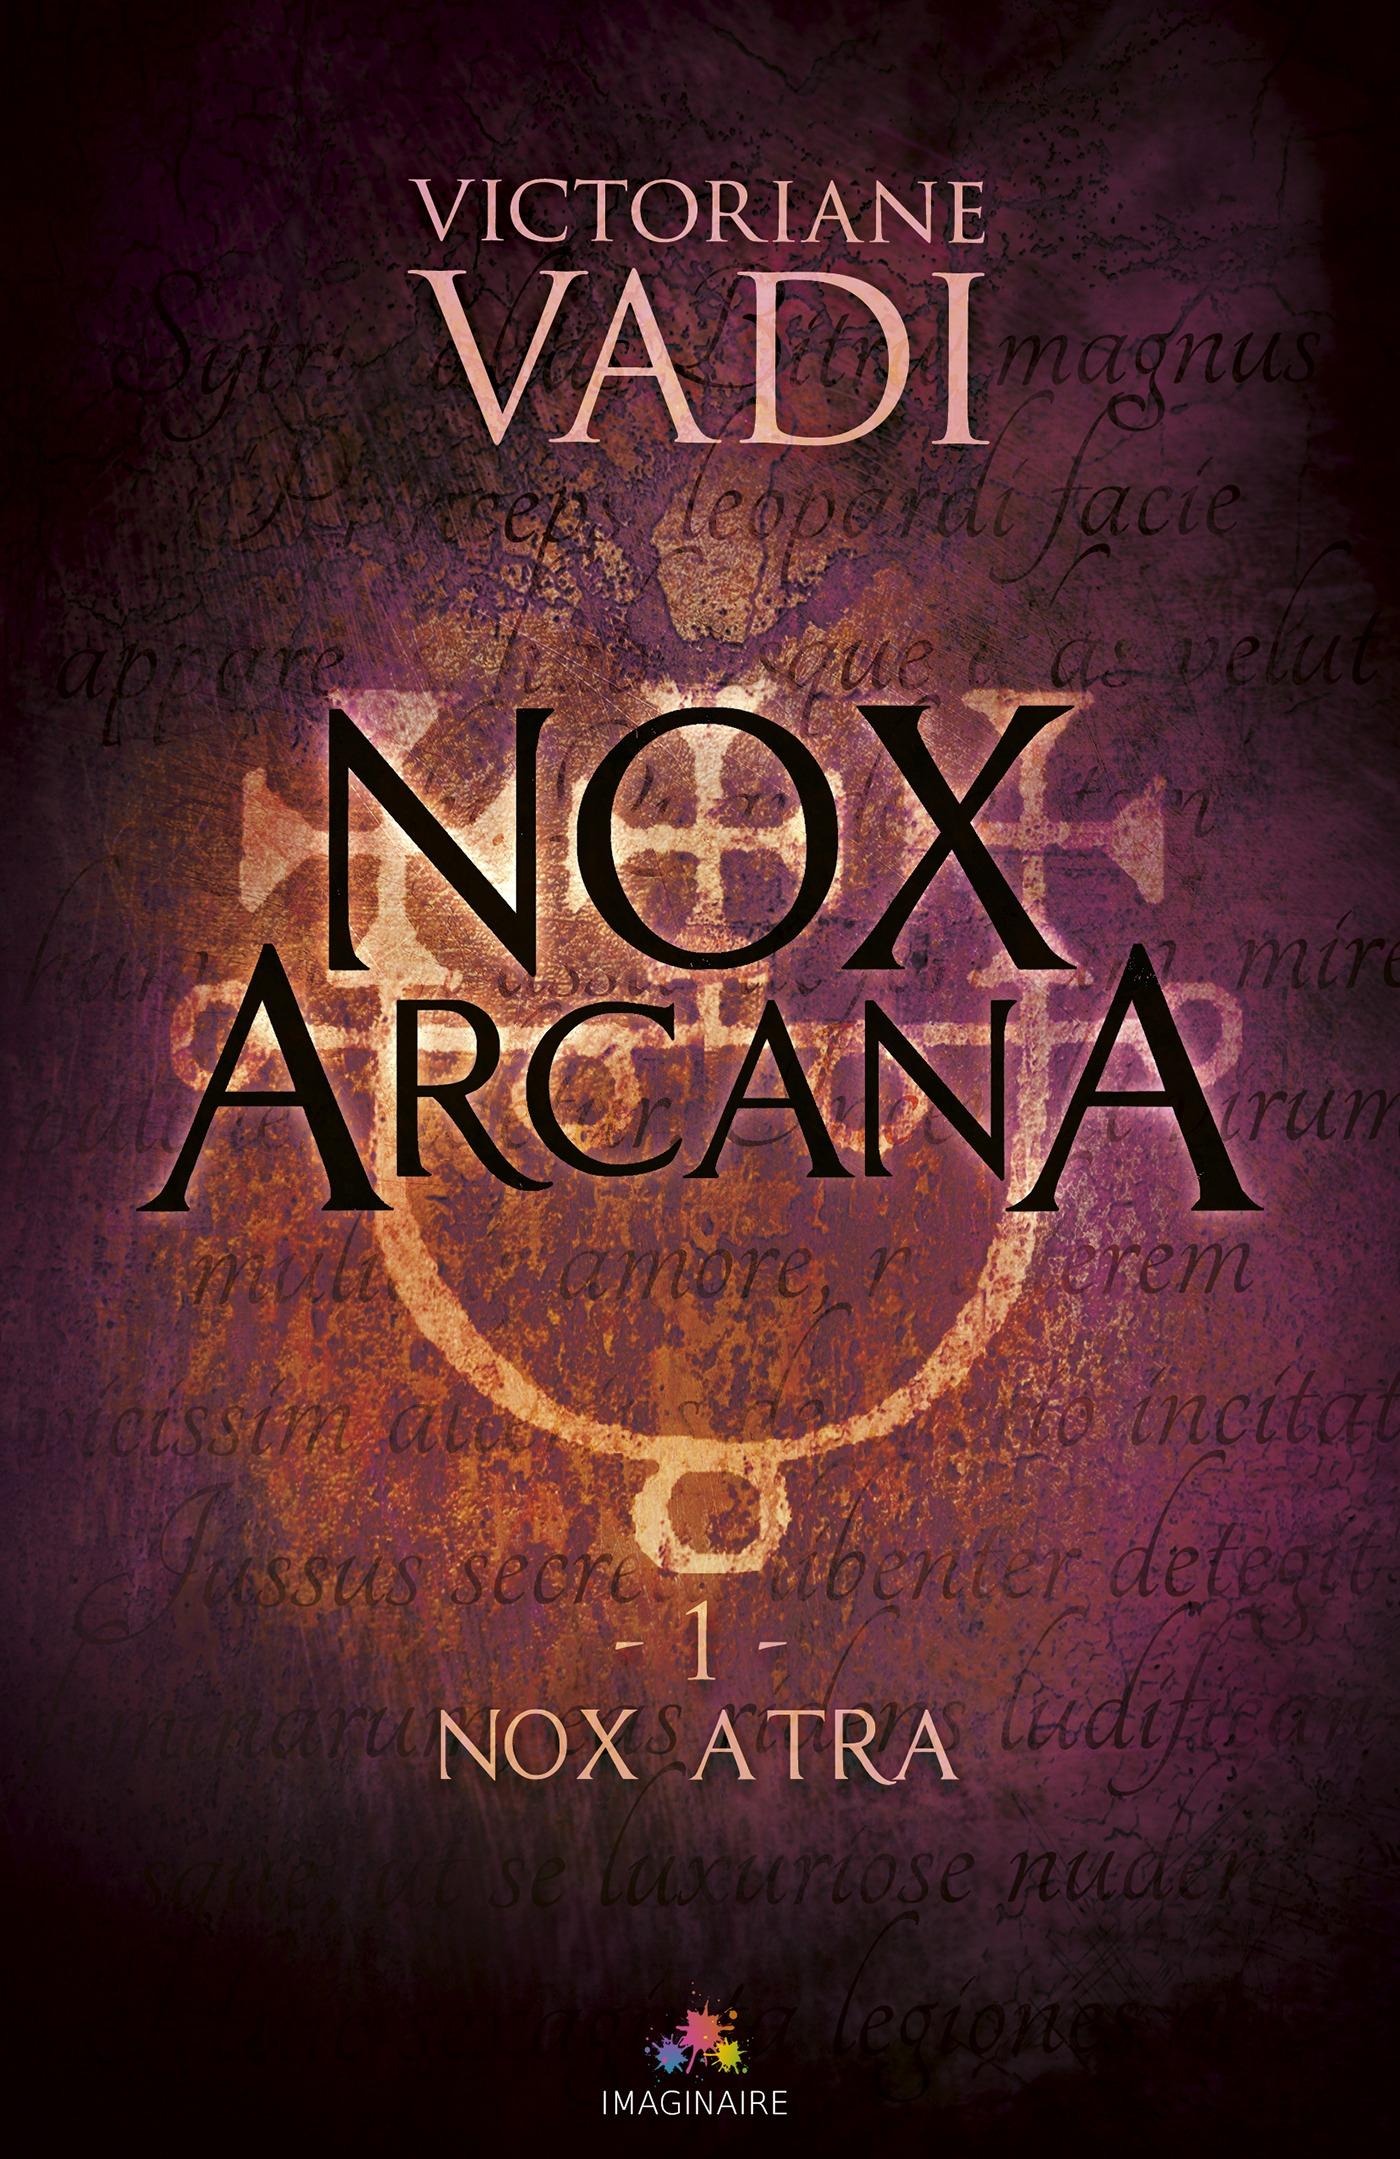 Nox Atra, NOX ARCANA, T1